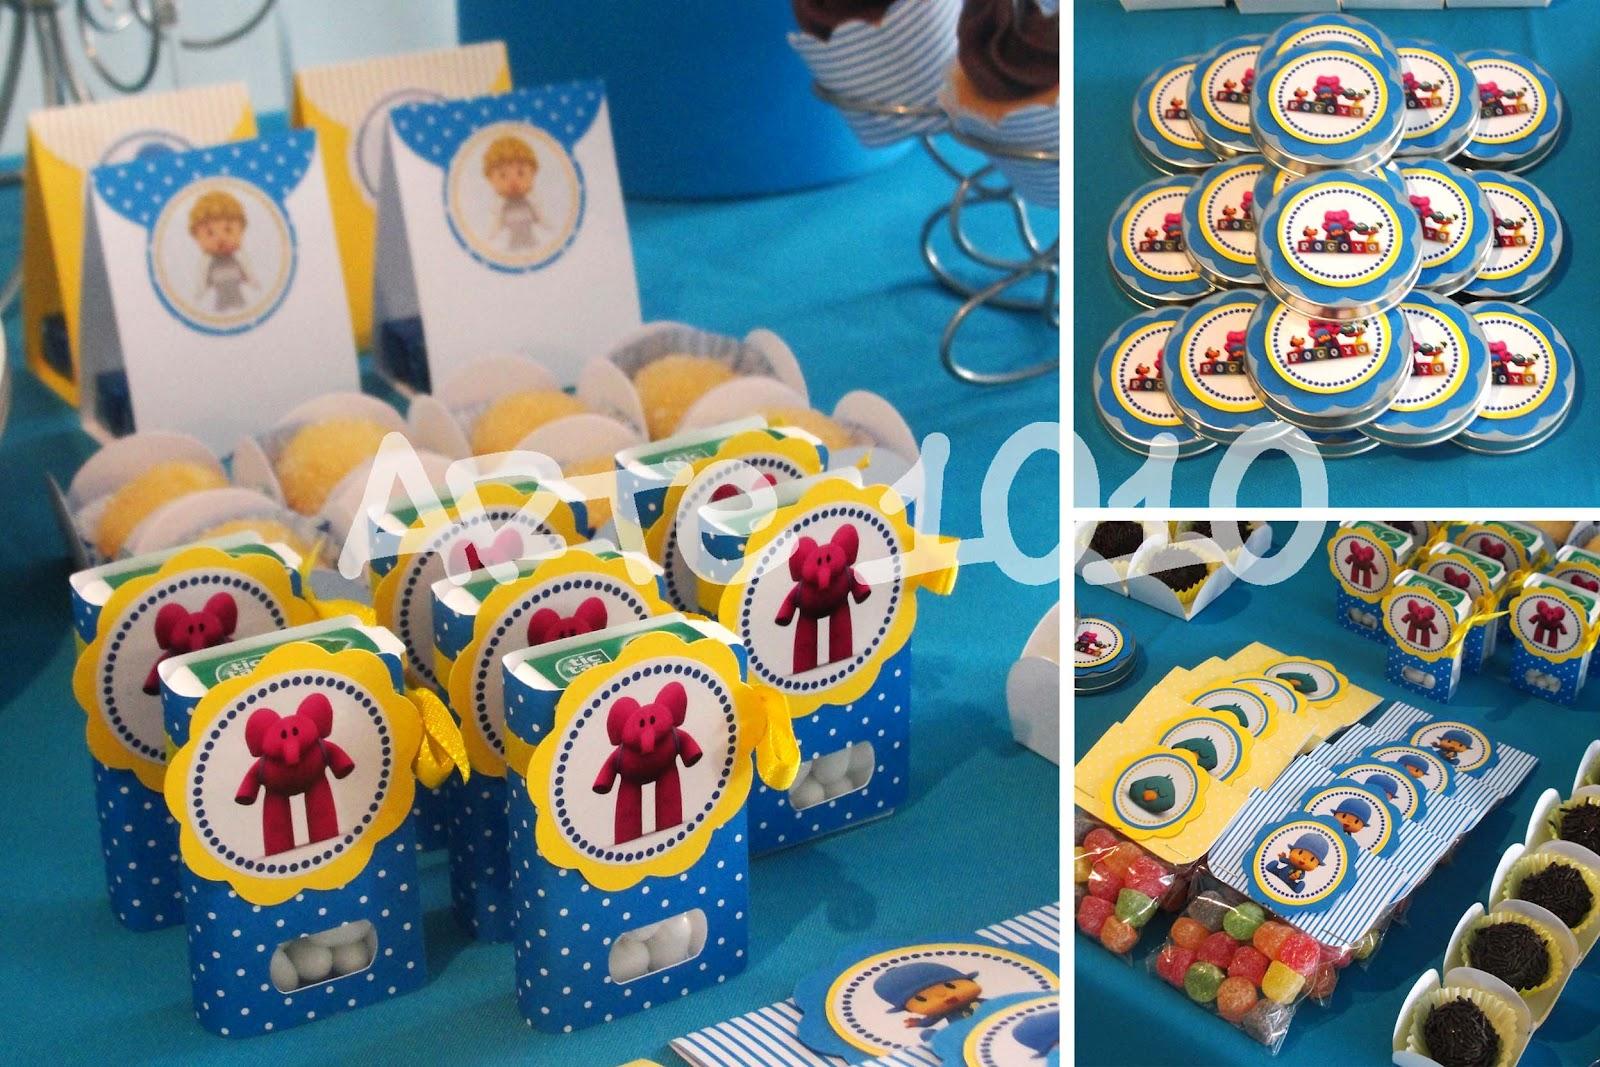 decoracao festa infantil azul e amarelo : decoracao festa infantil azul e amarelo: Elly e Sonequita alegraram os enfeites produzidos em azul e amarelo